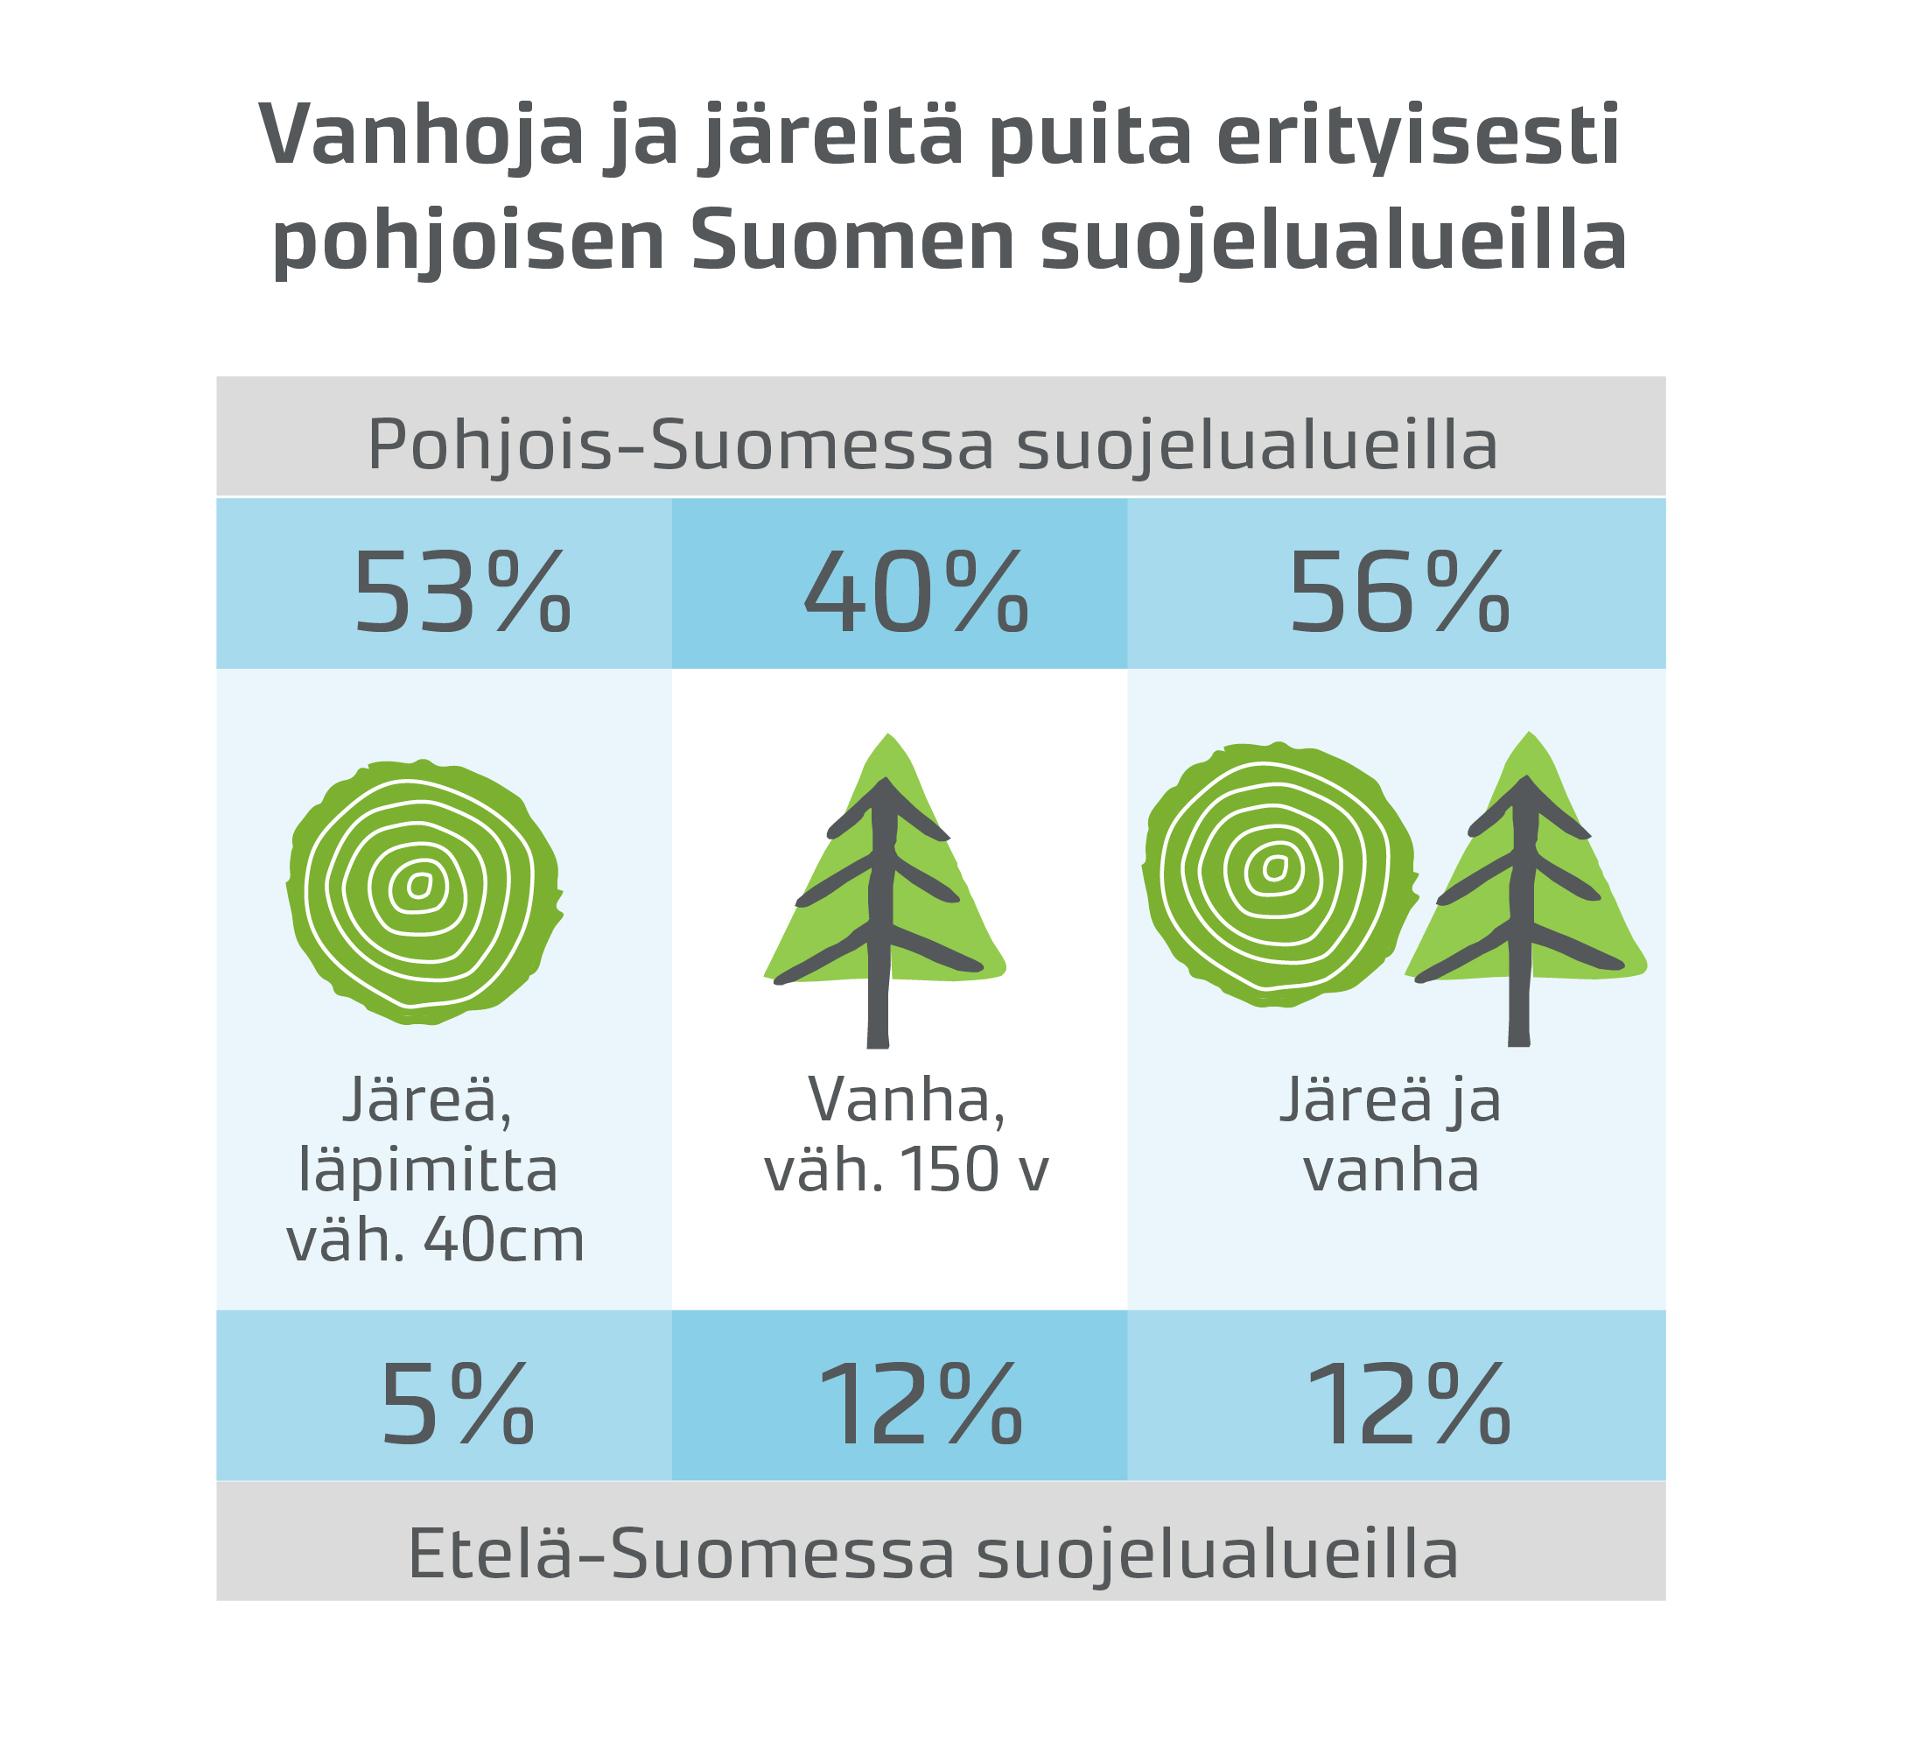 Järeät ja vanhat puut ovat tärkeitä metsien monimuotoisuudelle. Pohjois-Suomen järeistä ja/tai vanhoista puista noin puolet on suojelualueilla.